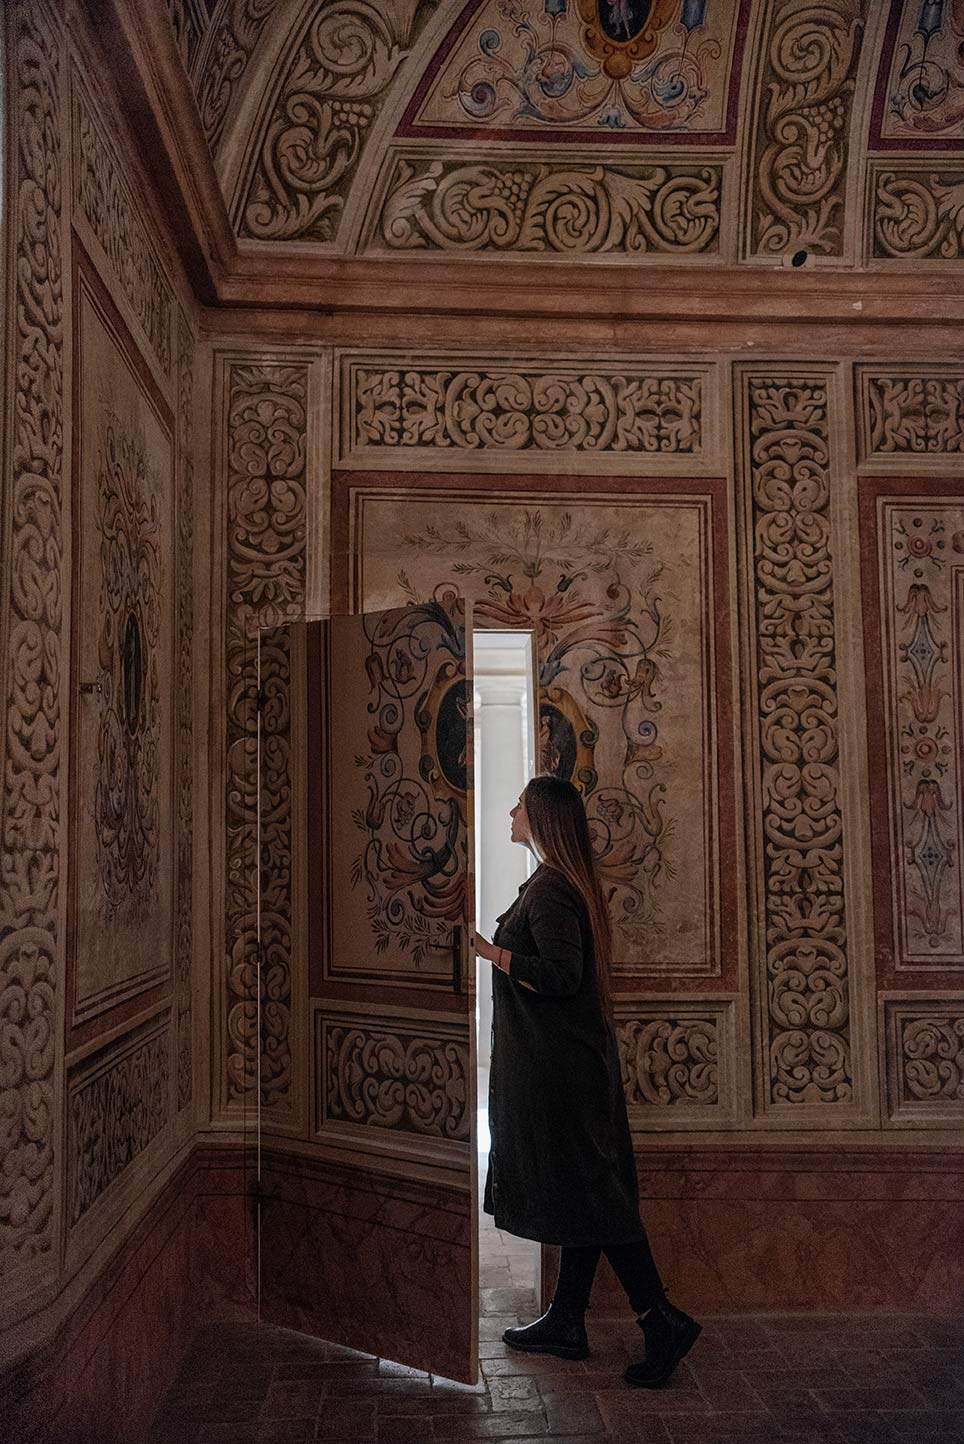 palazzo ducale guastalla reggio